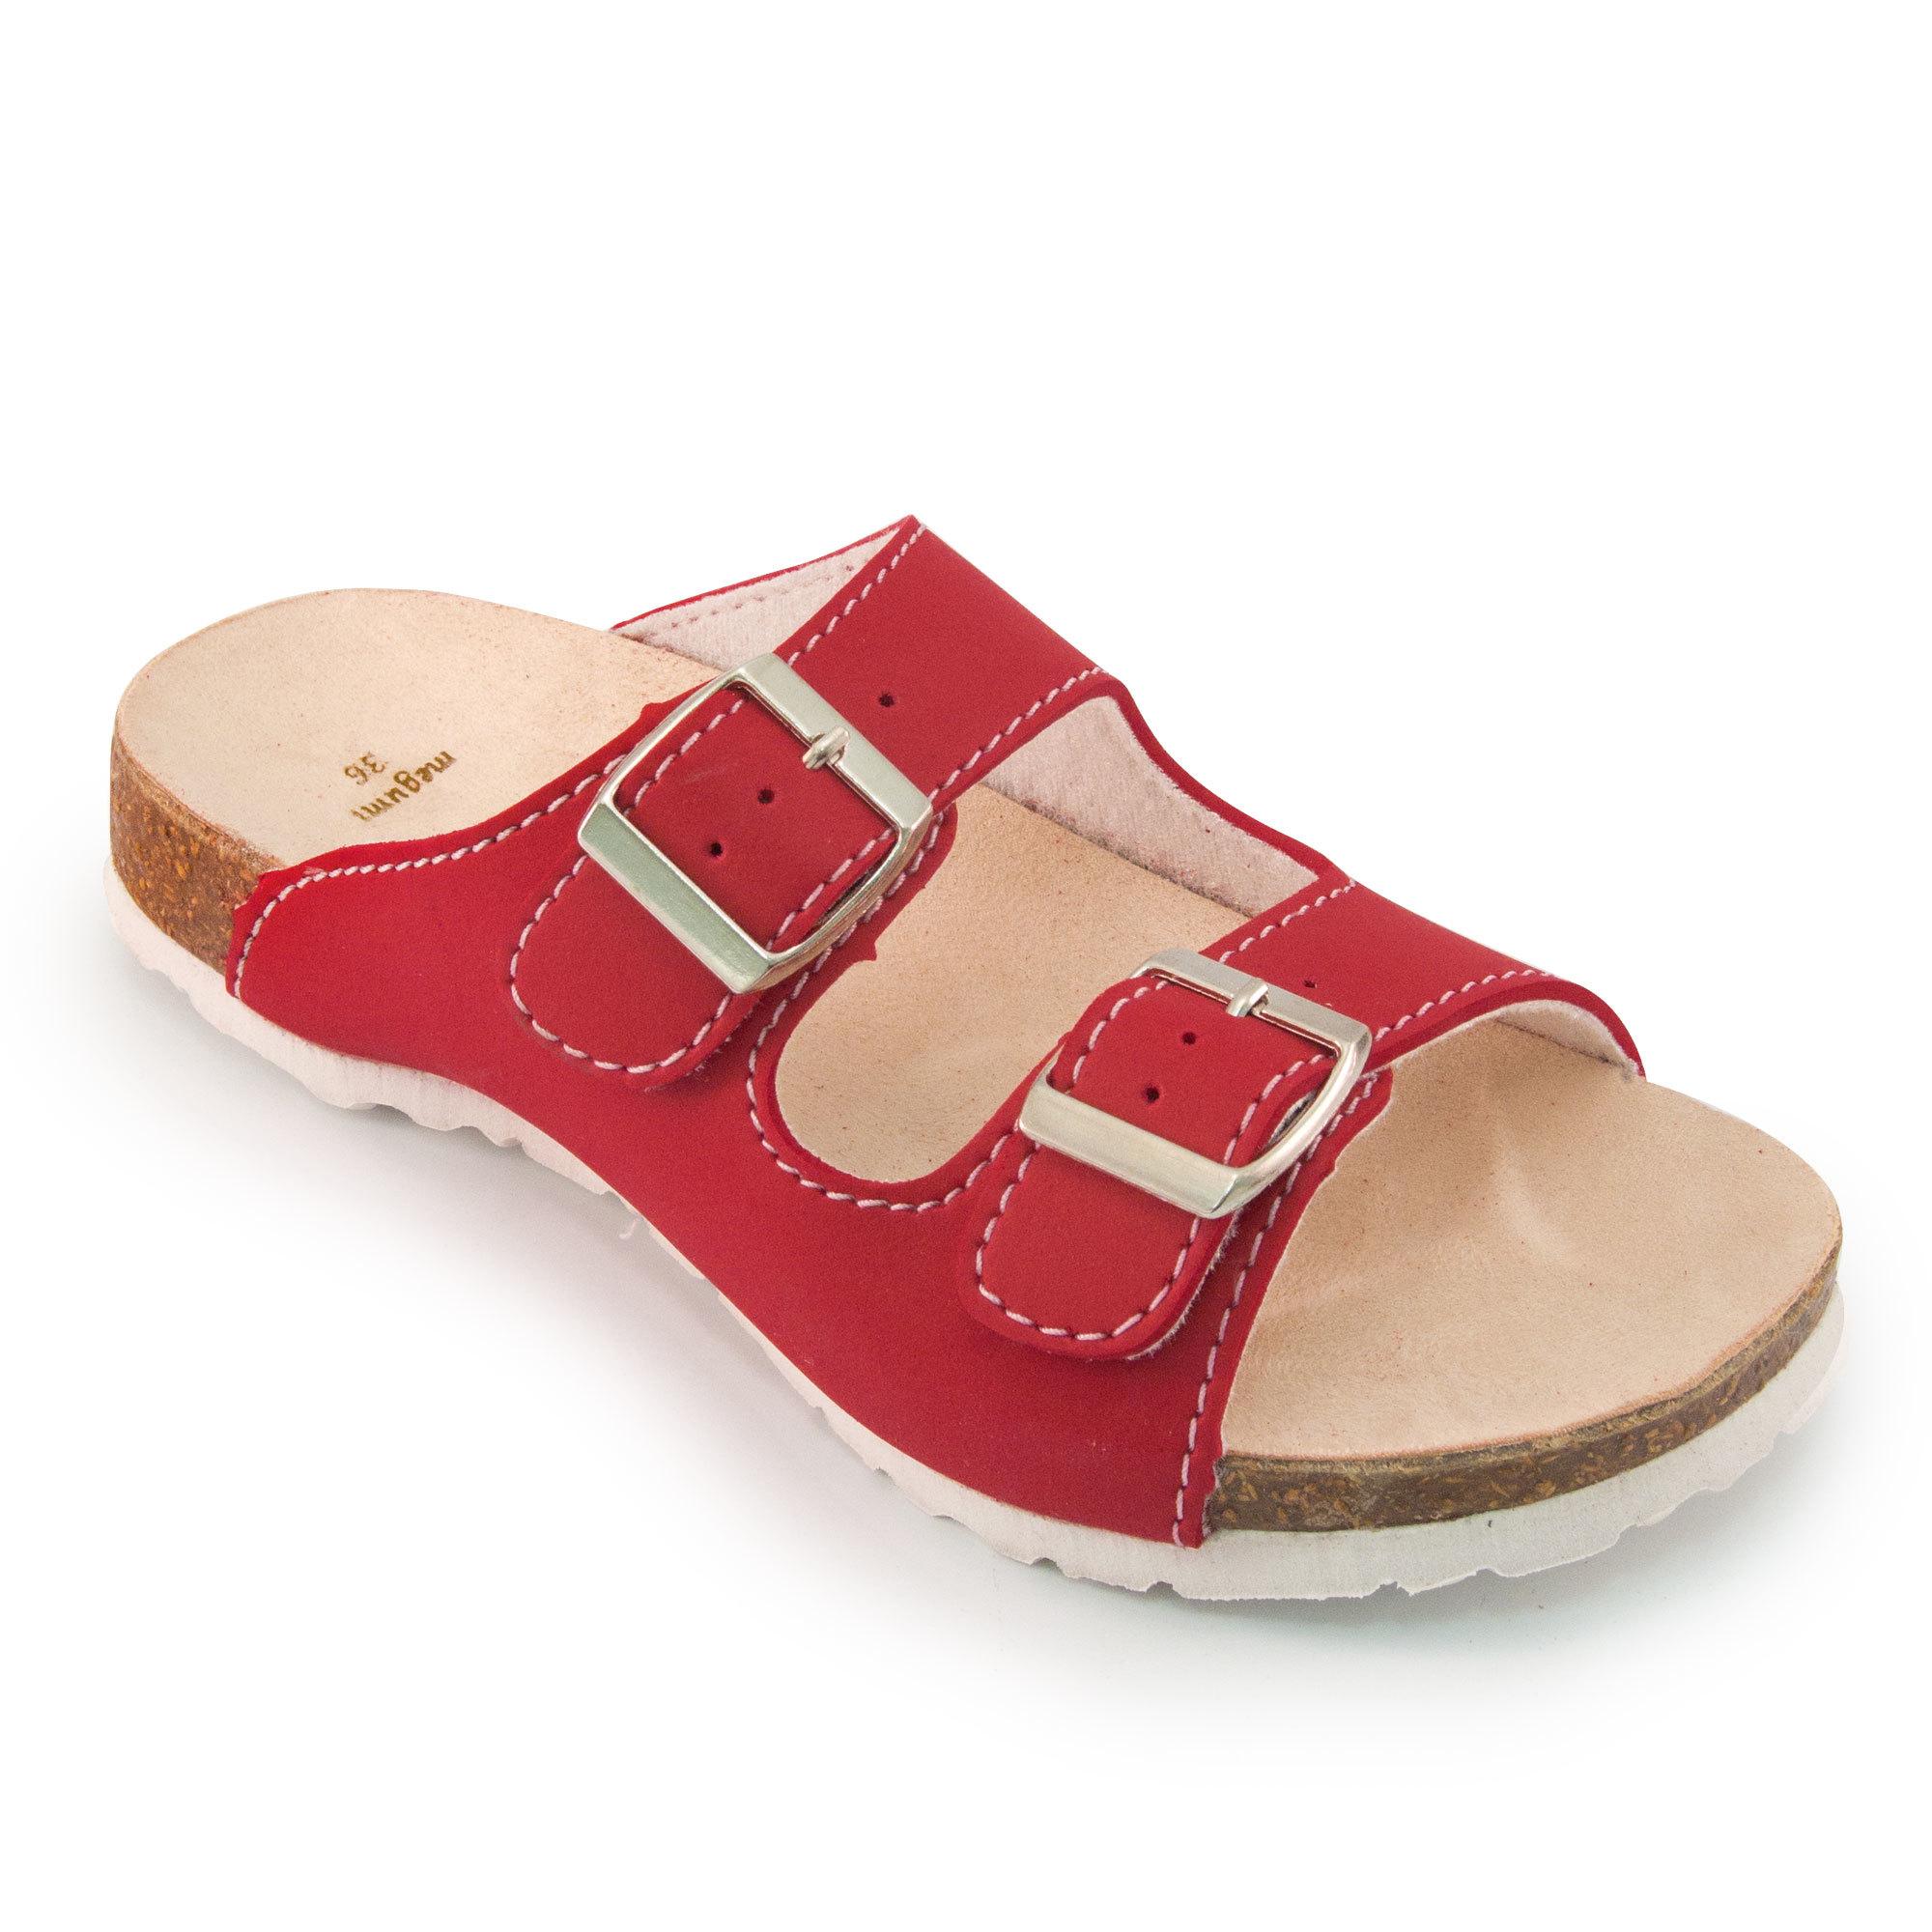 Harga Megumi Sandal Wanita Yorkshire Red Original